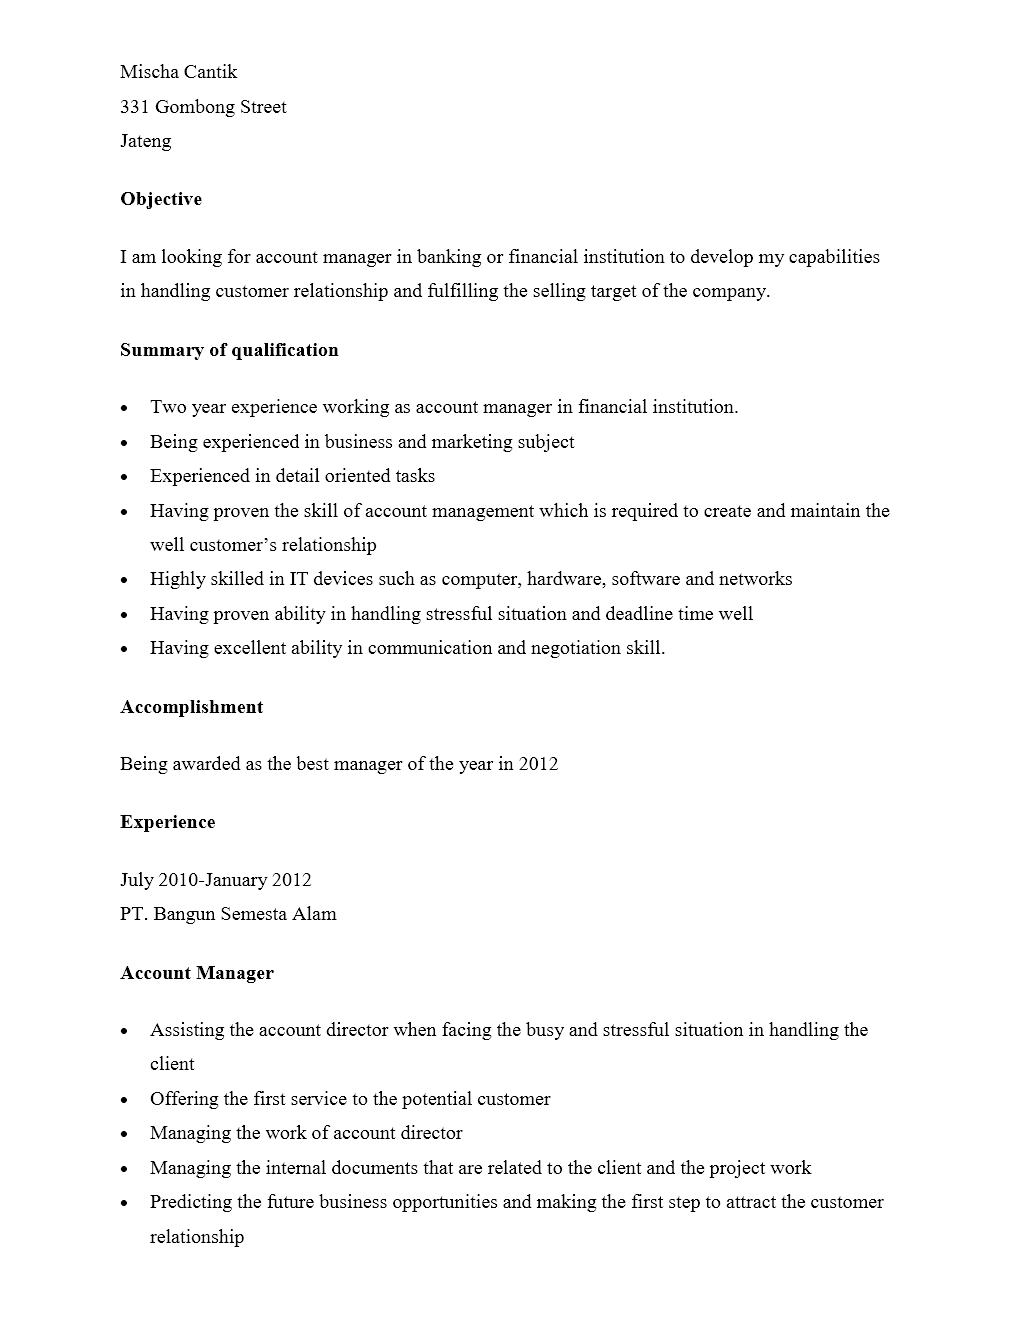 Curriculum Vitae Account Manager Dalam Bahasa Inggris Yang Menarik